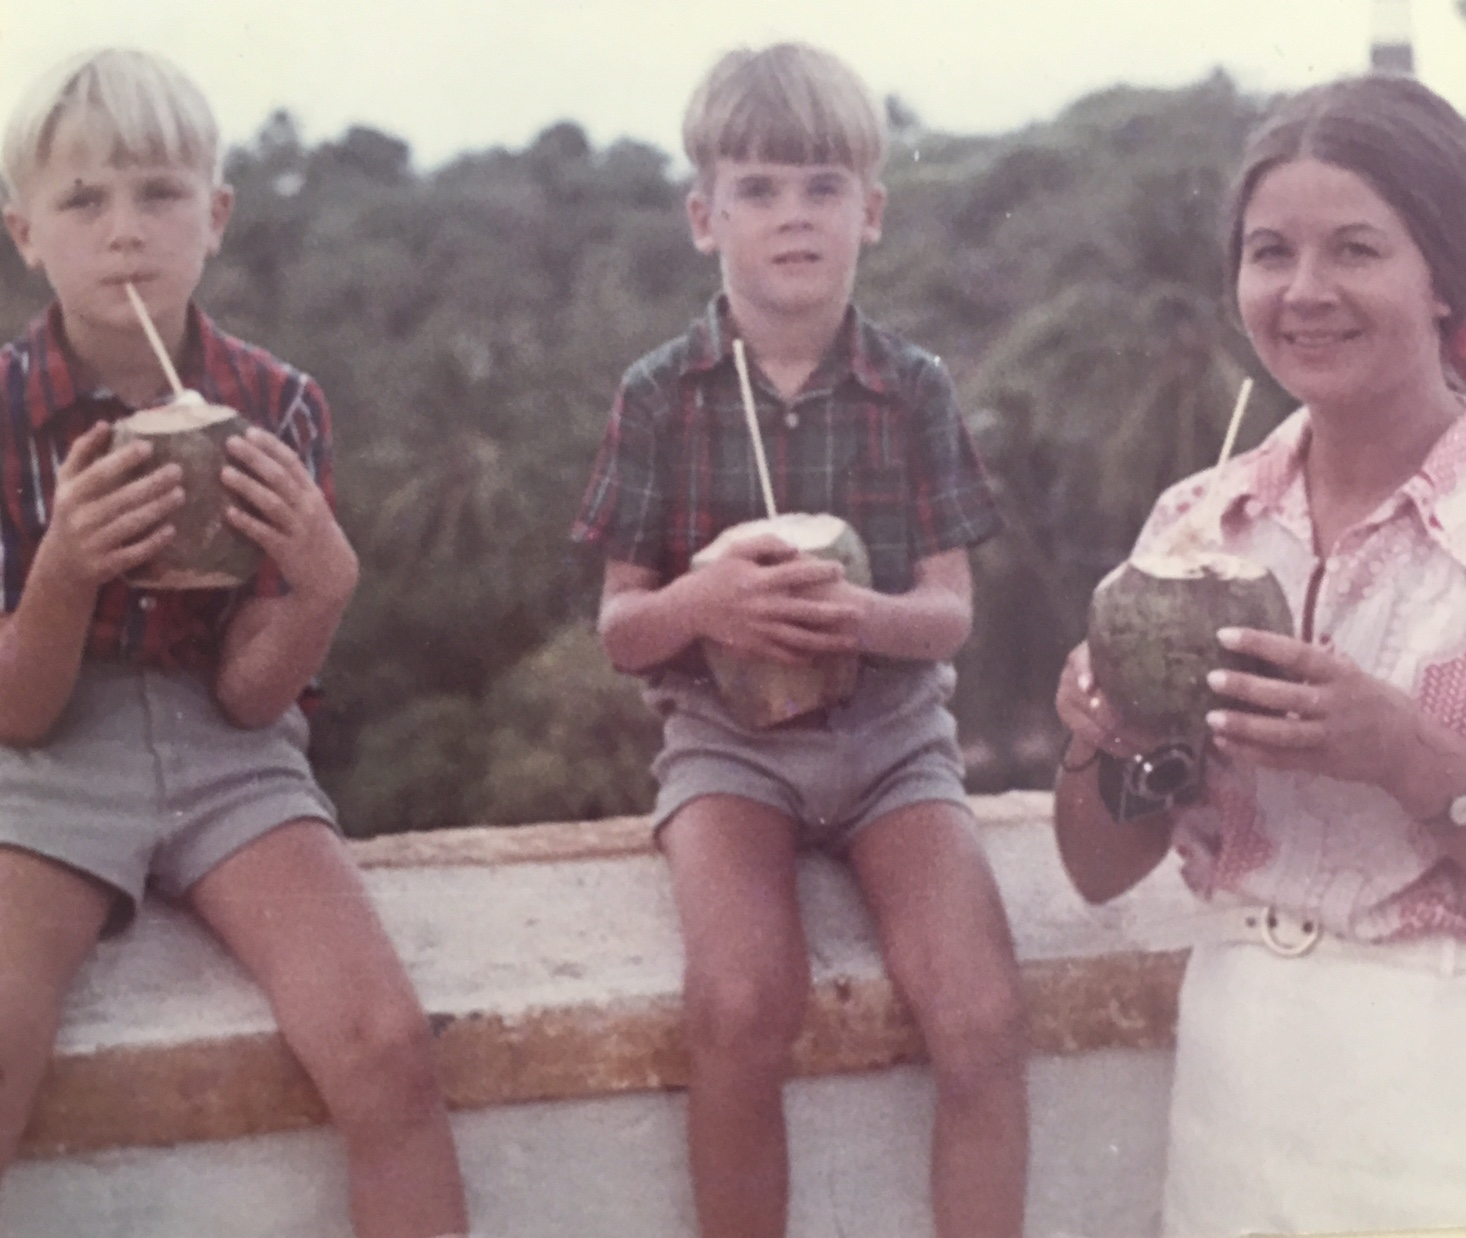 Mein Schiff Gastautor Frank 1970 mit Mutter Christel und Bruder Ulf